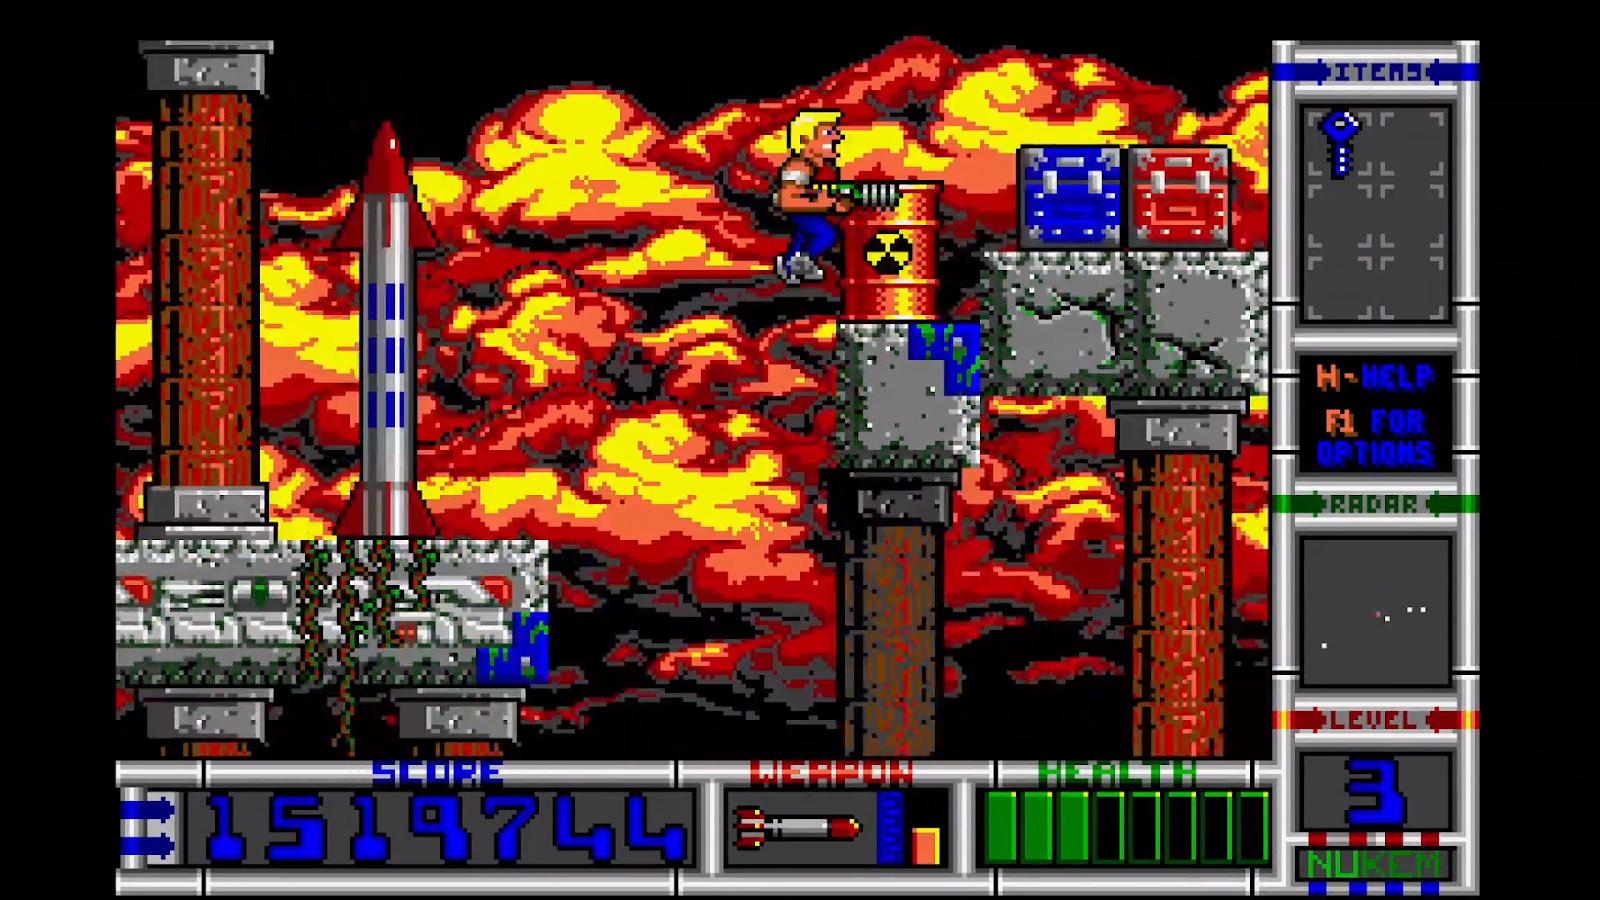 История дизайна уровней Duke Nukem (с эскизами Левелорда) - 6